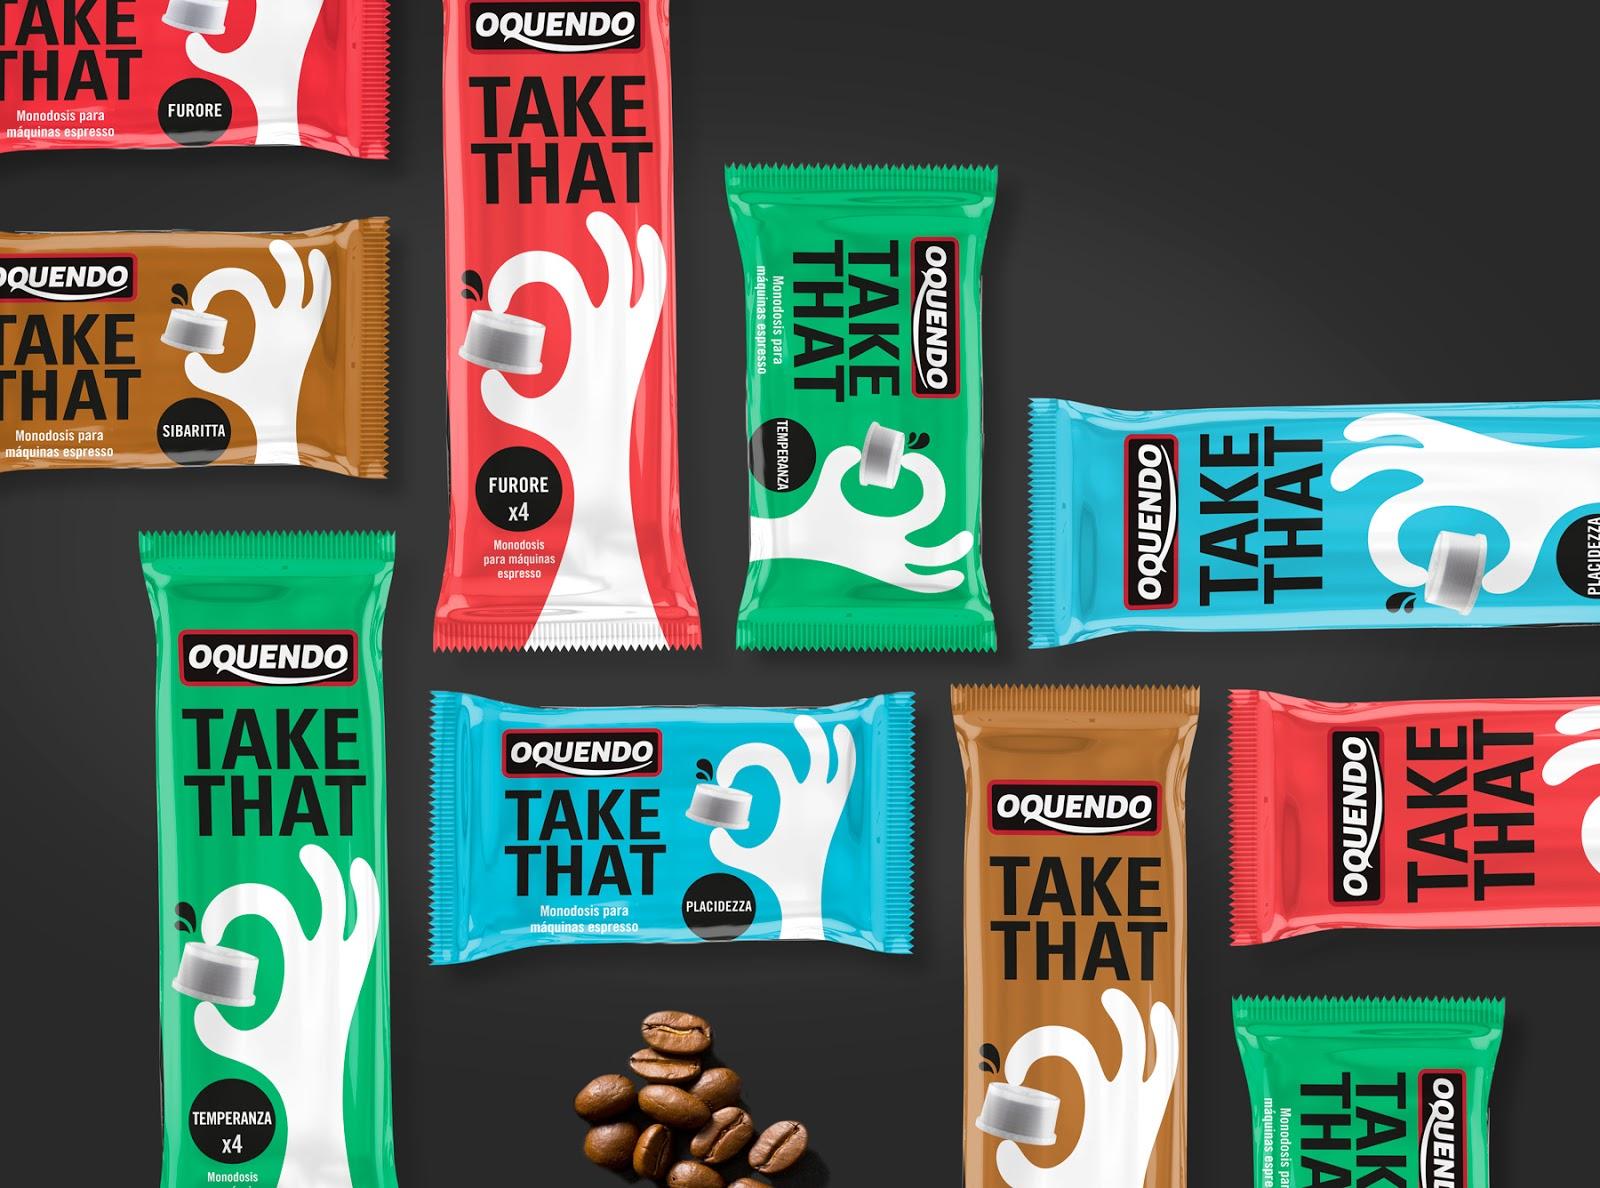 Take That咖啡胶囊包装设计